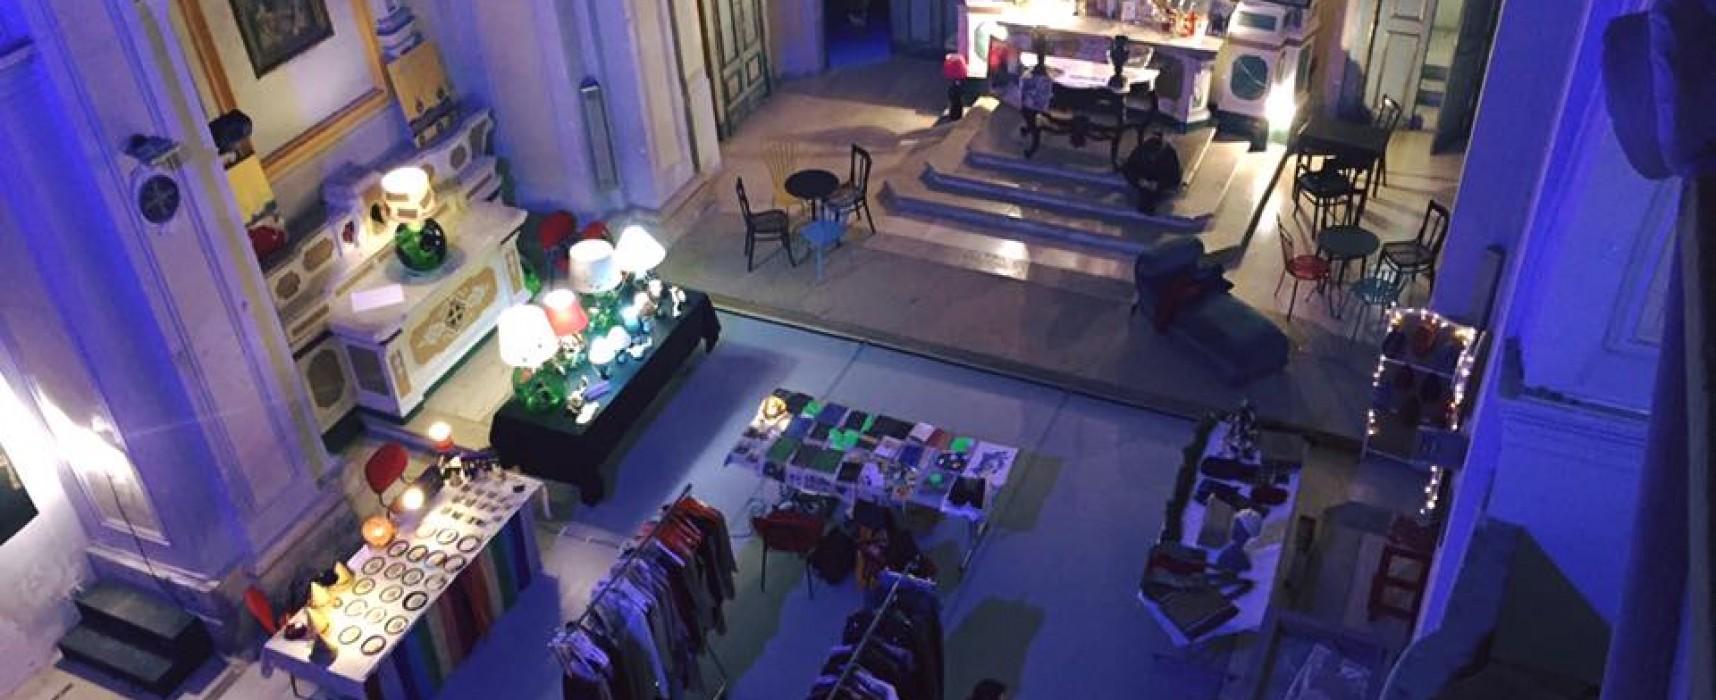 """Divertimento e shopping green nel """"MakeMarket"""", mercato urbano ideato dall'associazione Mosquito"""